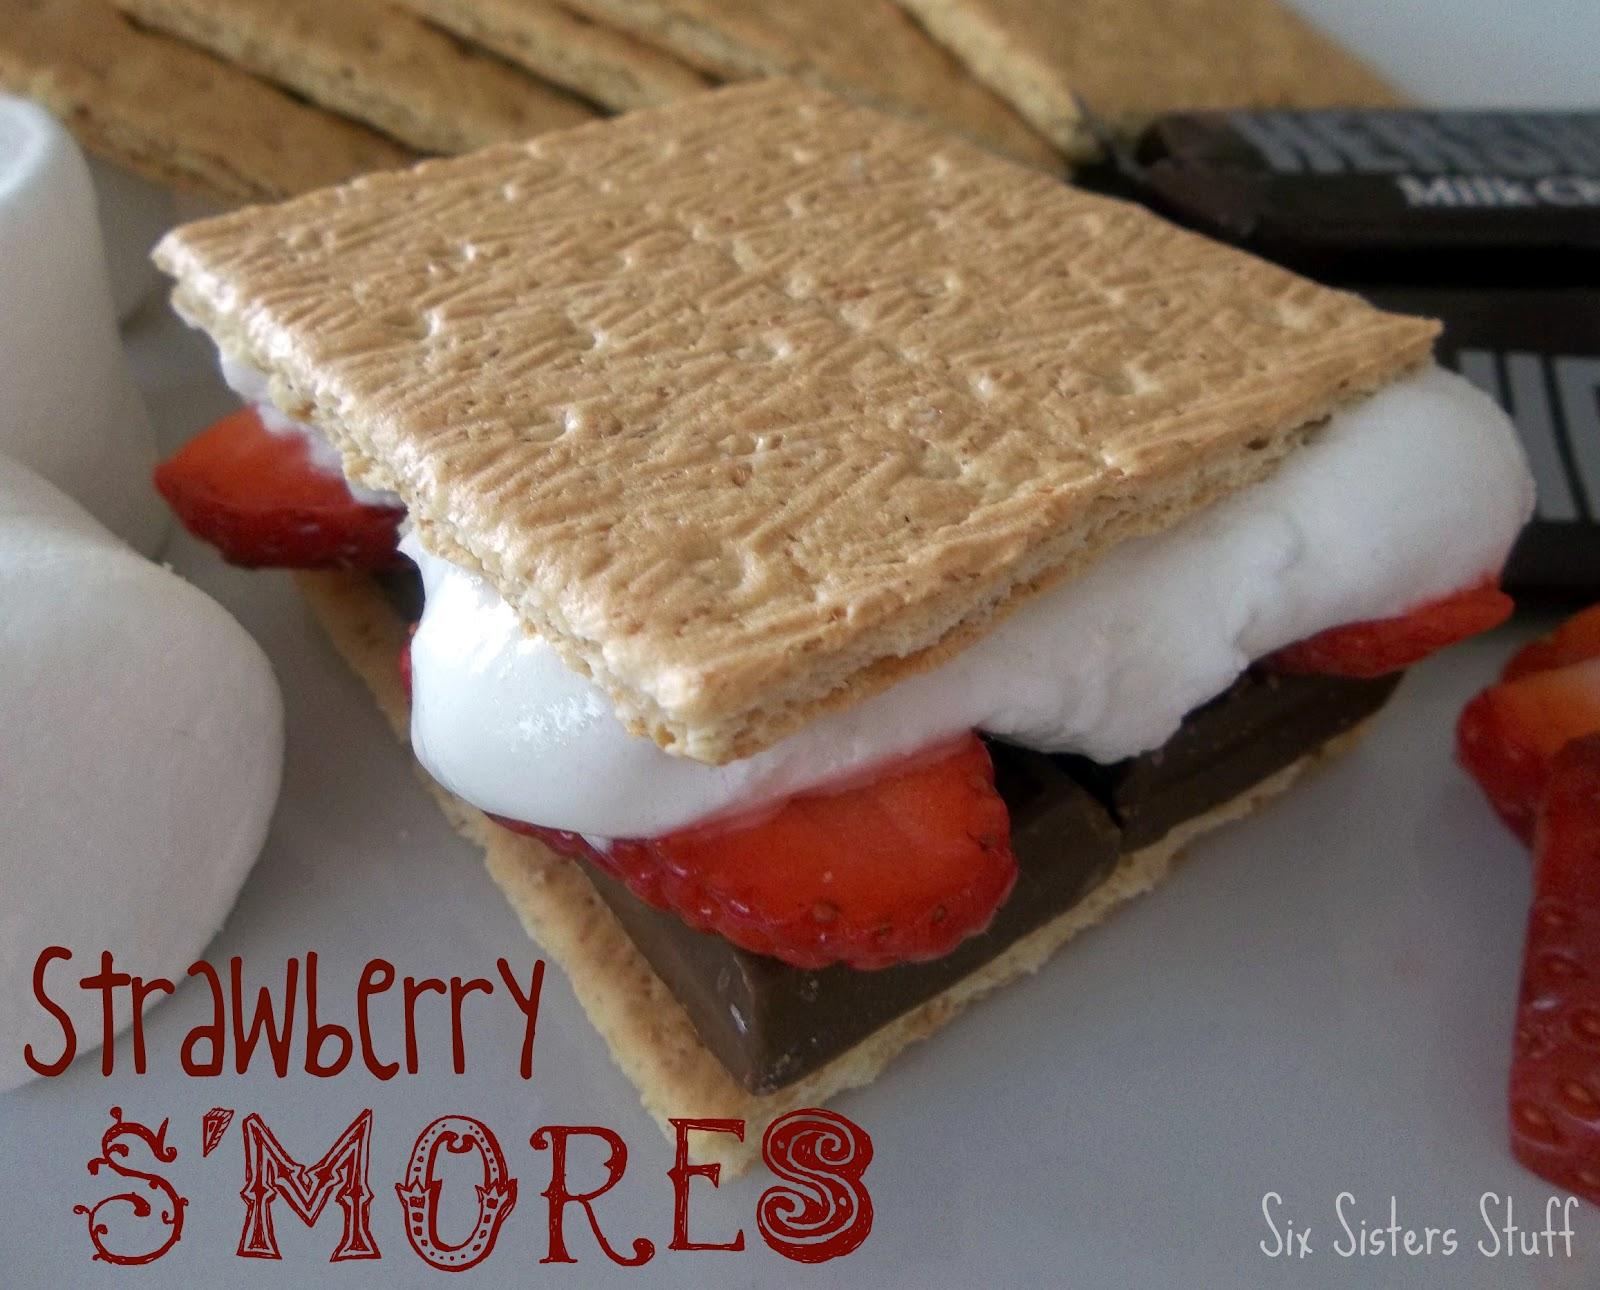 strawberry+smores